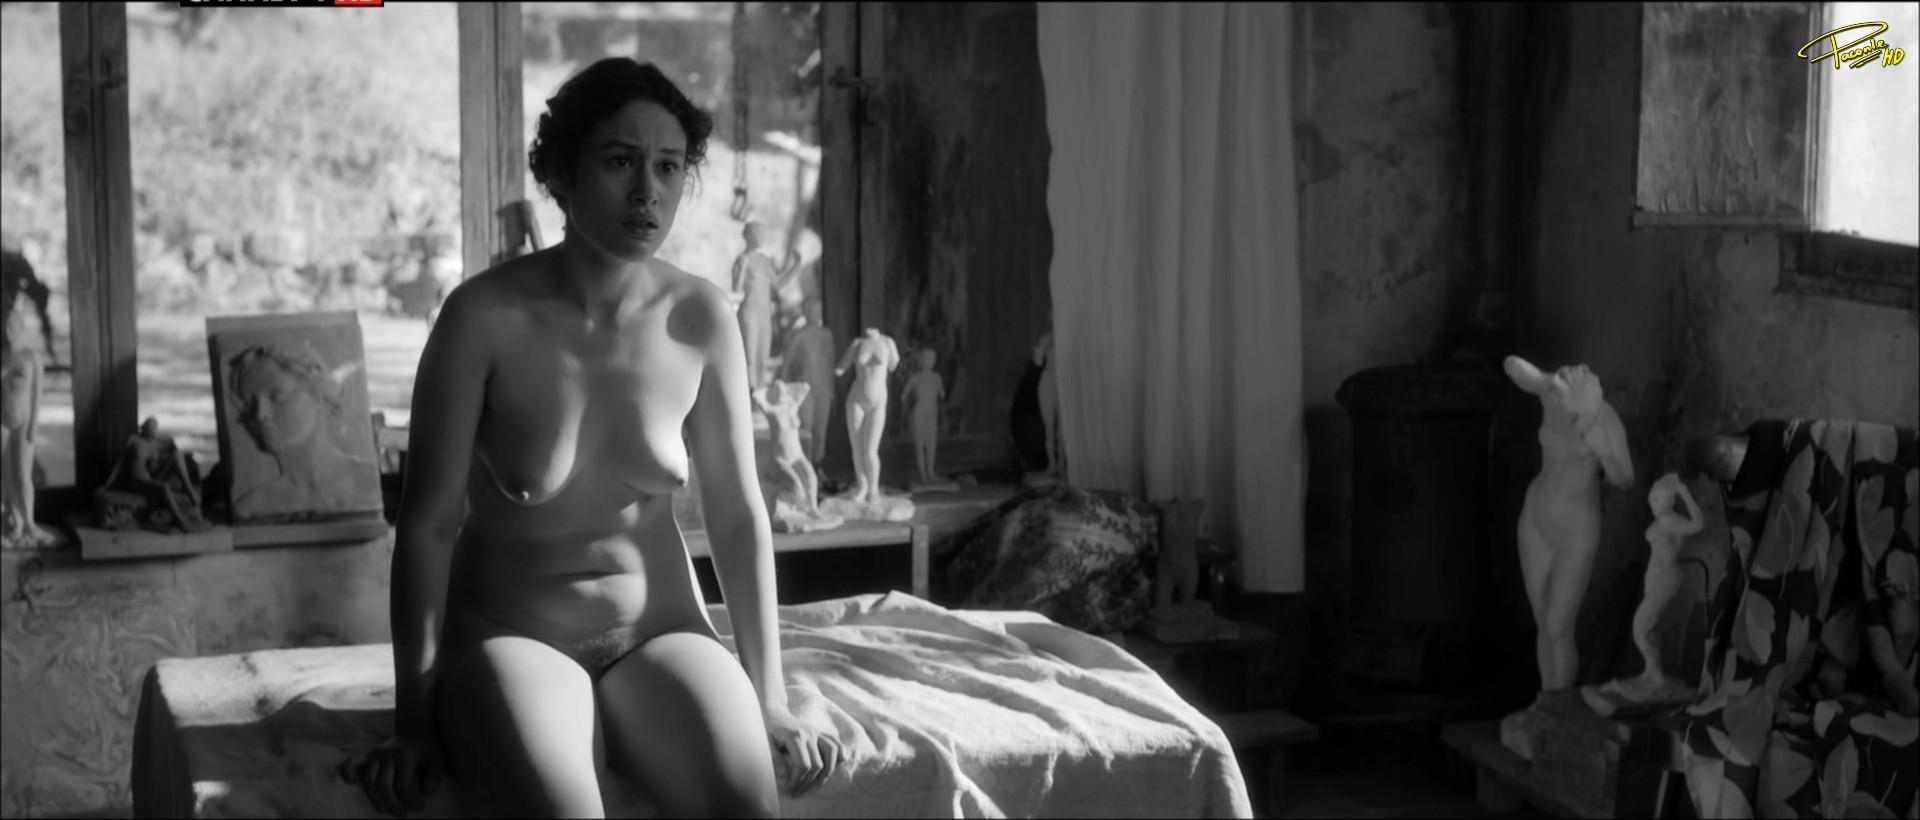 Русское порно натурщицы и художника 9 фотография